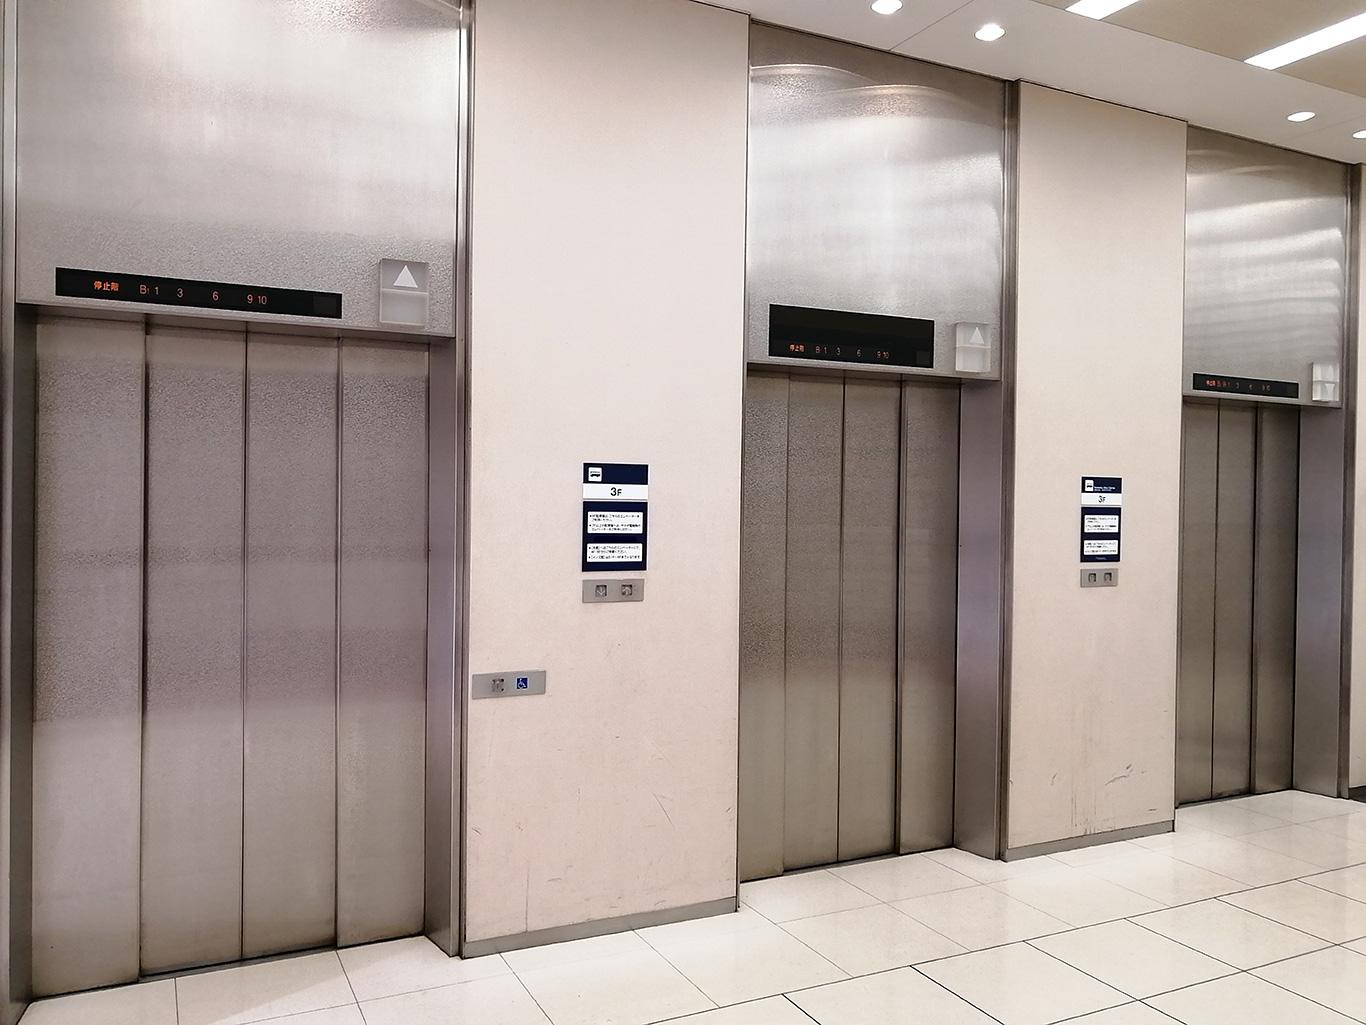 ELEVADORES MODALES AL USARLOS/使用時のエレベーターマナー